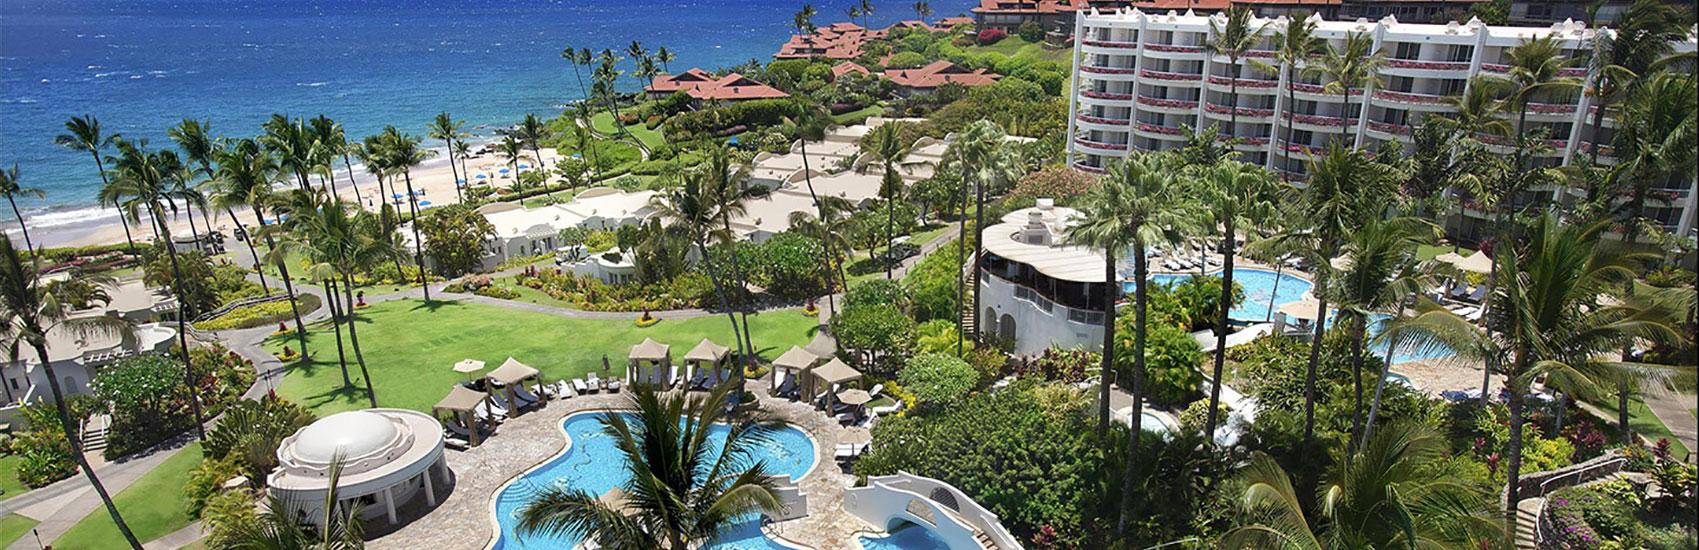 Fairmont Kea Lani, Maui 3